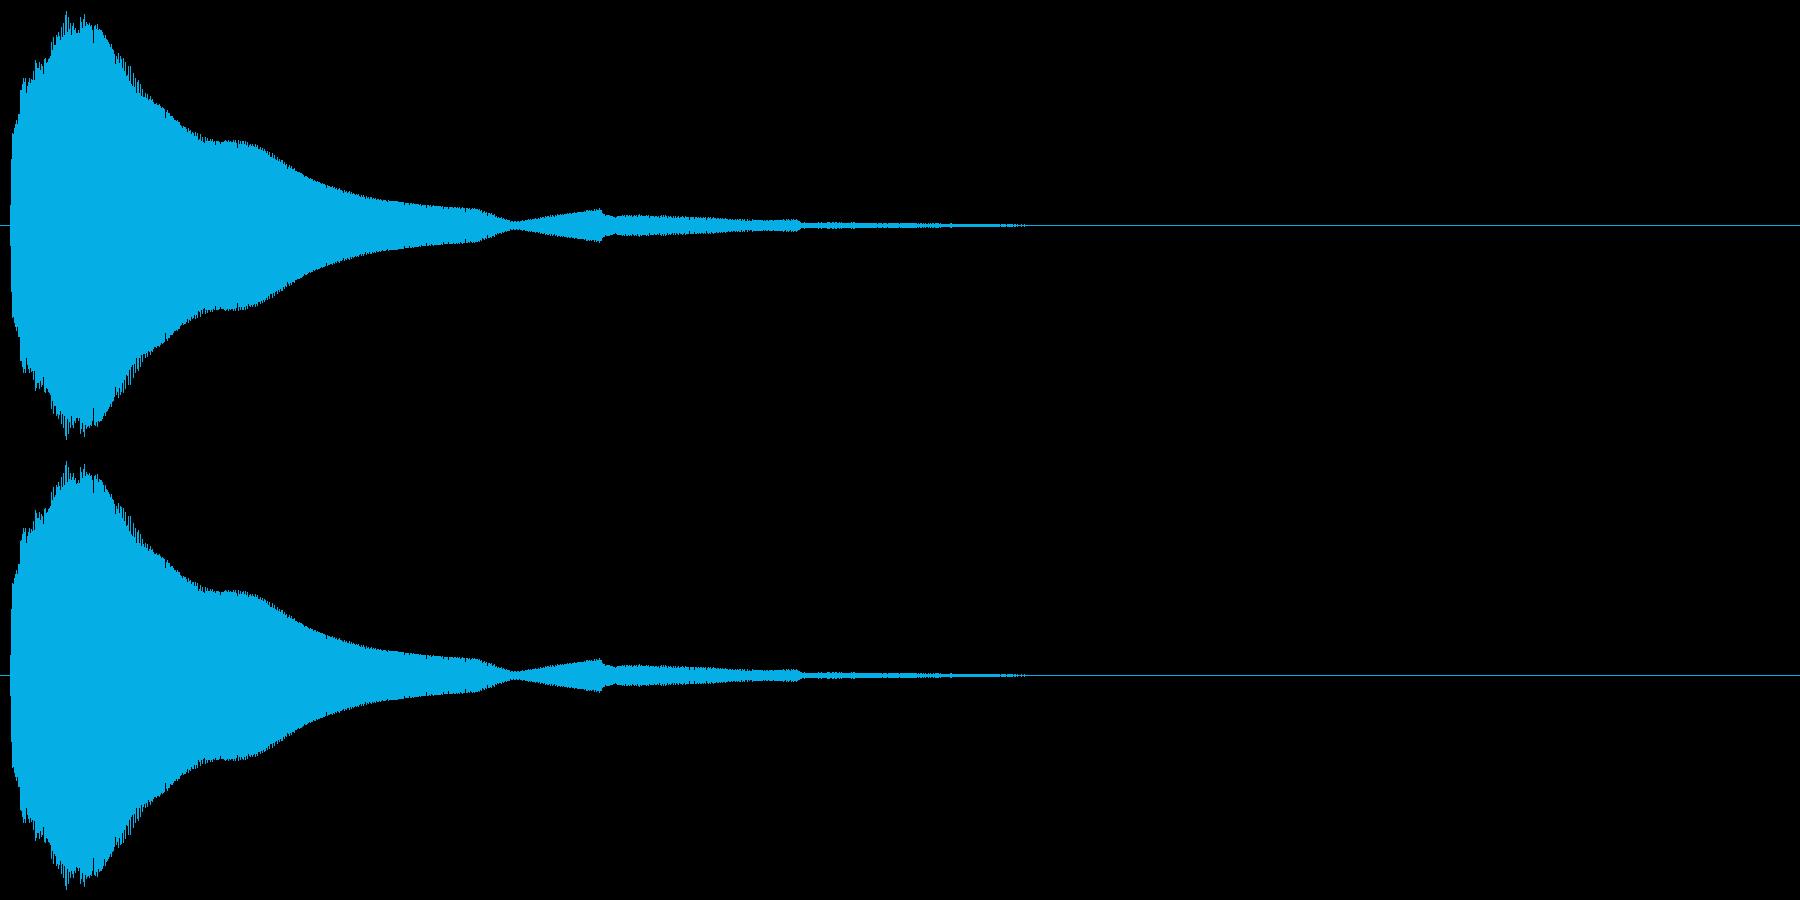 ビブラフォンとシンセで作ったボタン音の再生済みの波形